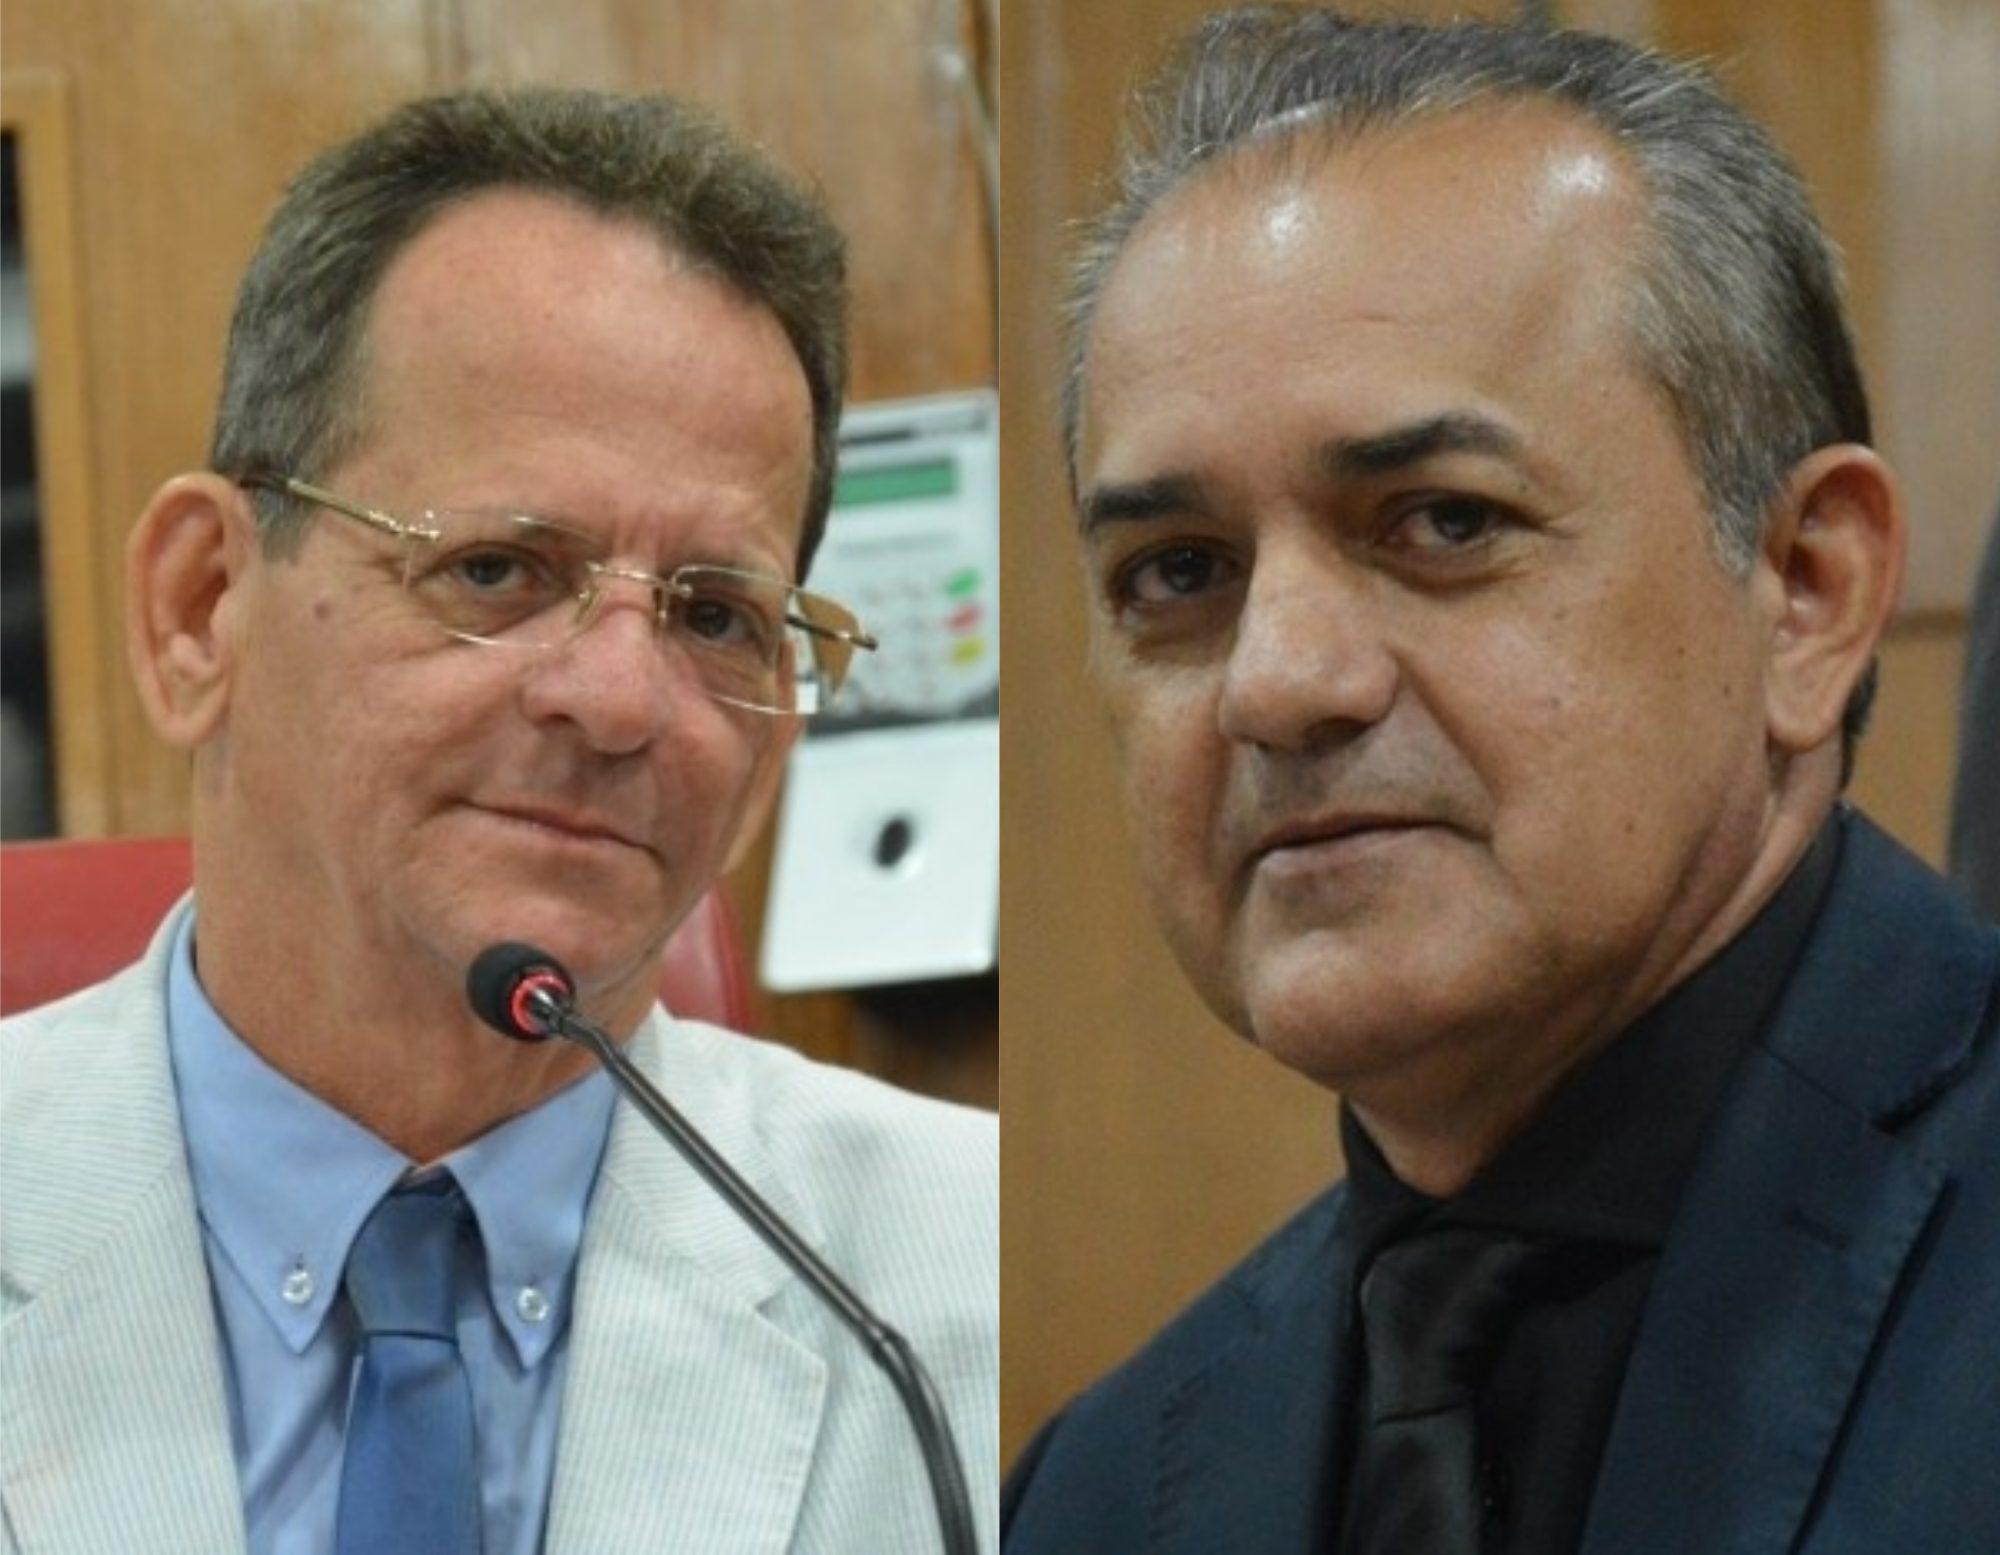 Que não pode chamar para mesma mesa o ex-presidente da CMJP, Marcos Vinícius, e o atual, Corujinha. Seriam dois milhões de motivos.